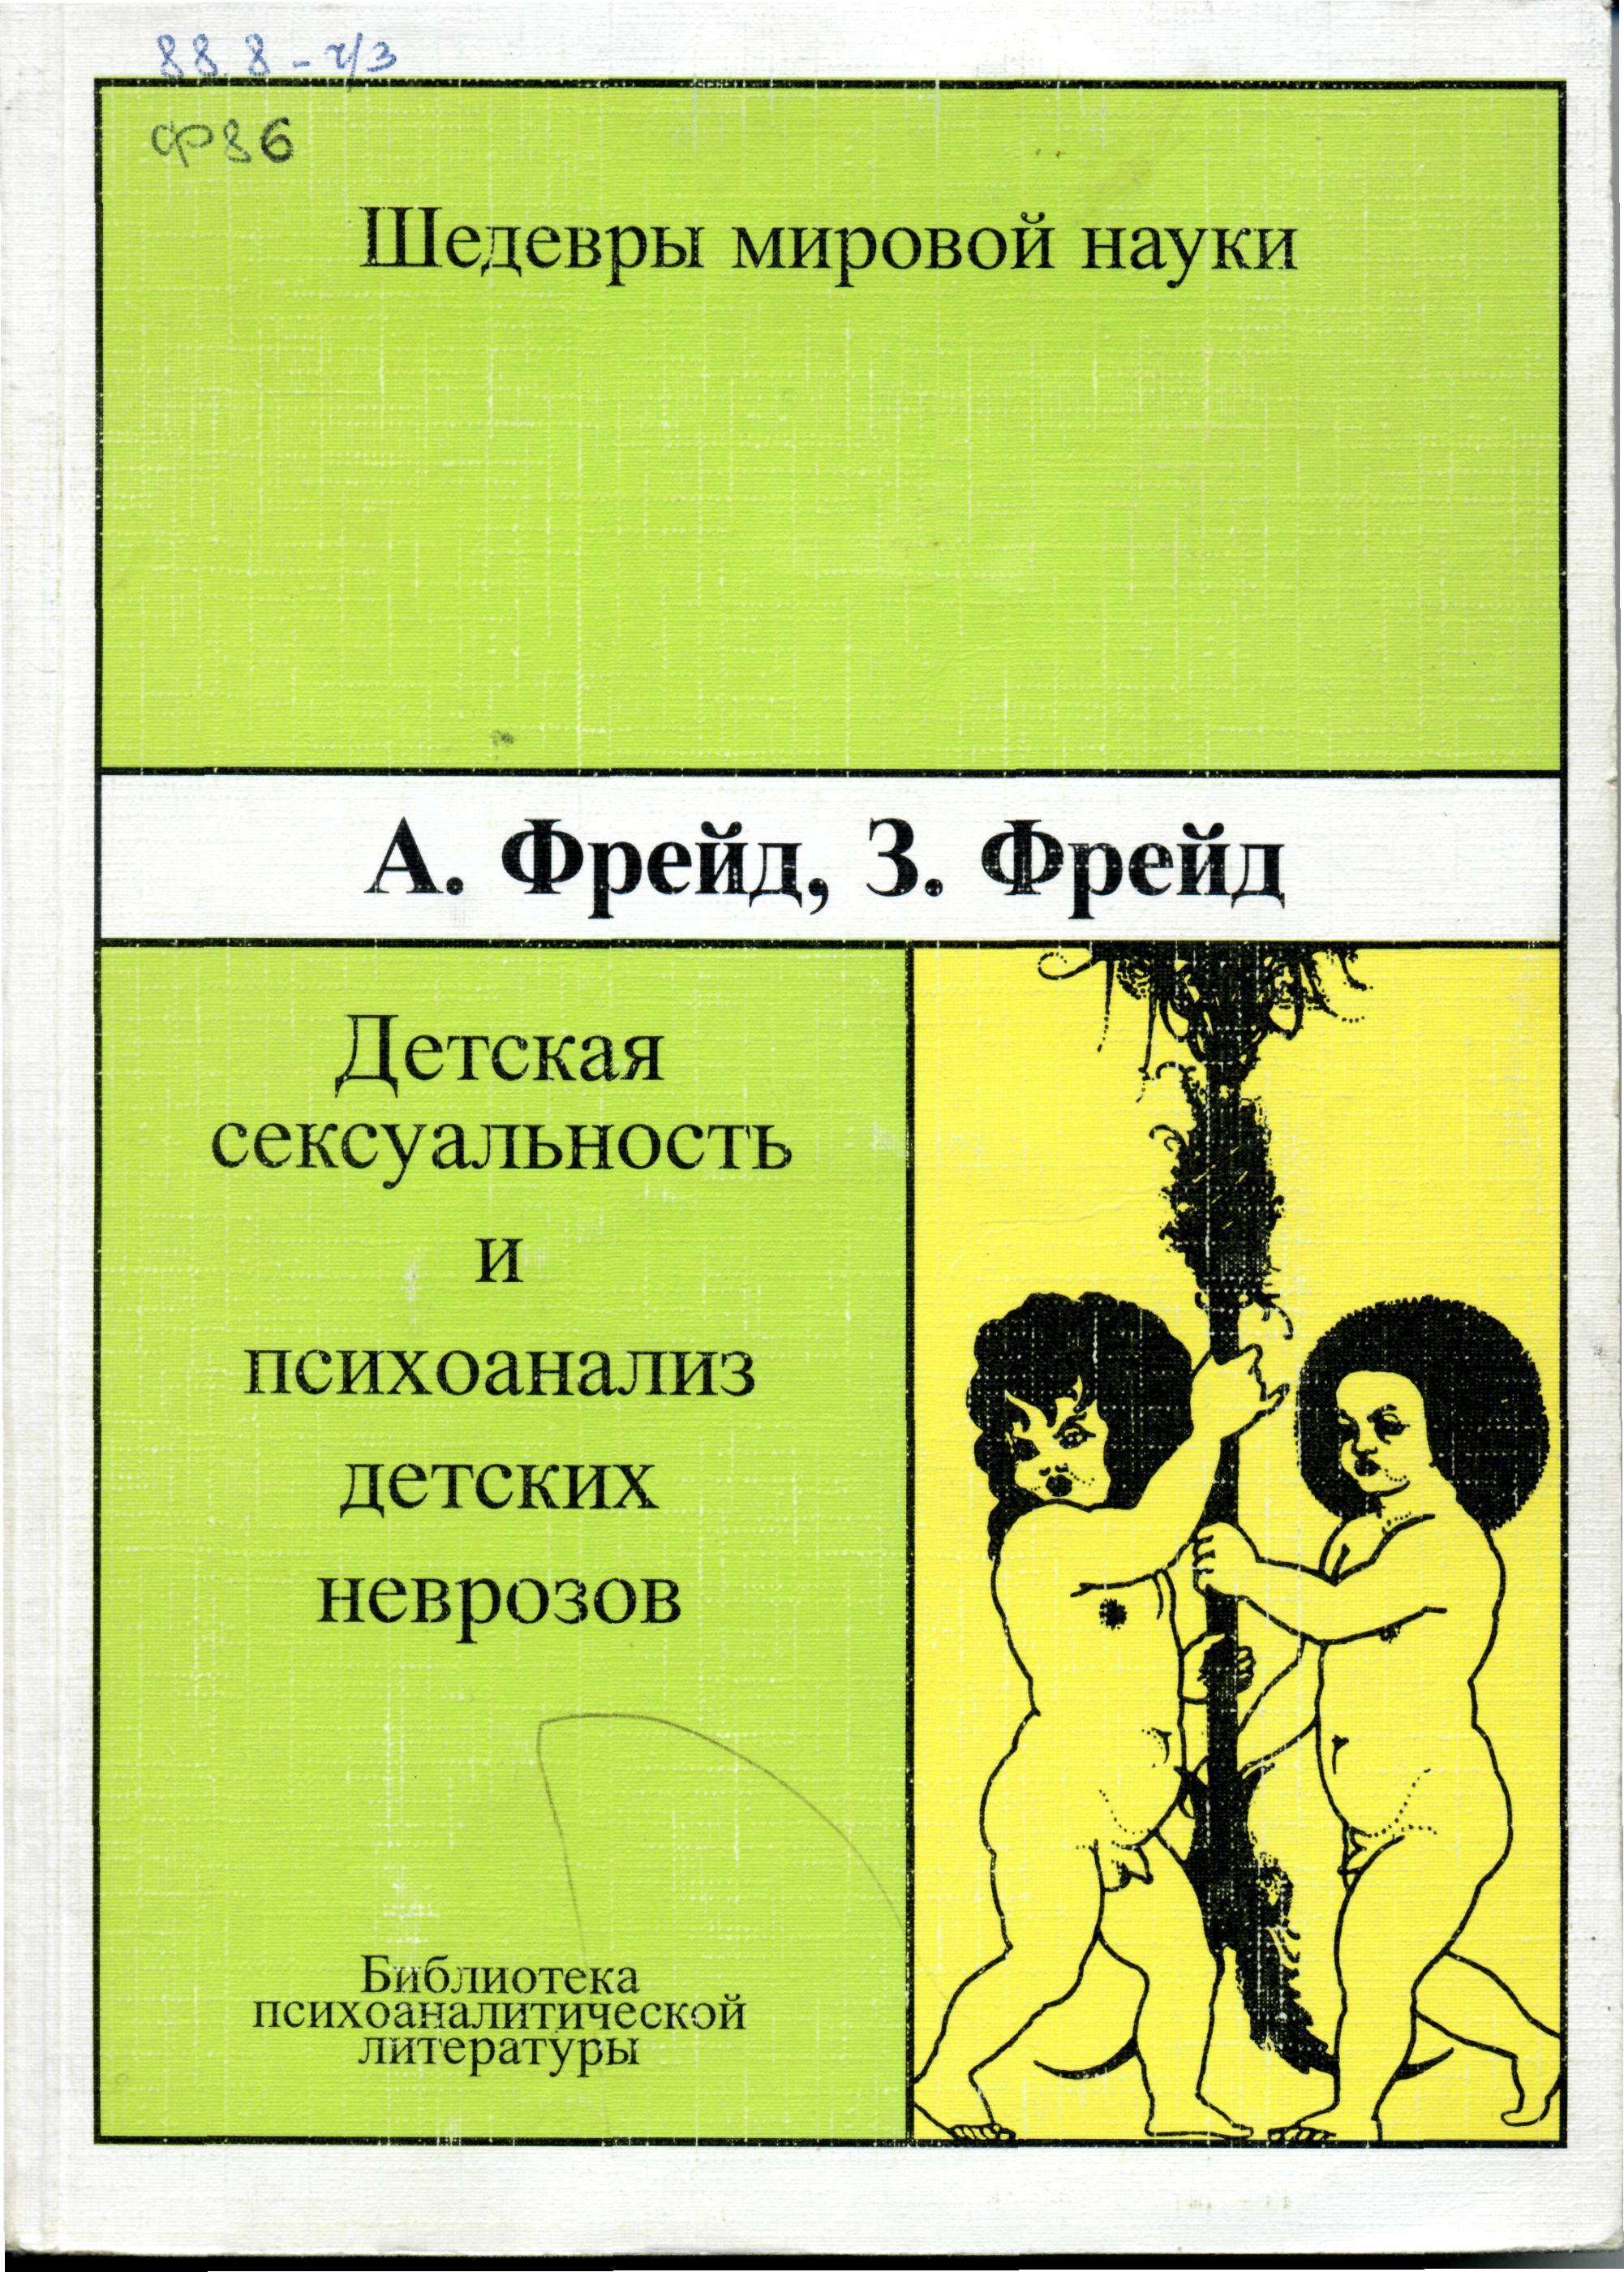 teorii-infantilnoy-seksualnosti